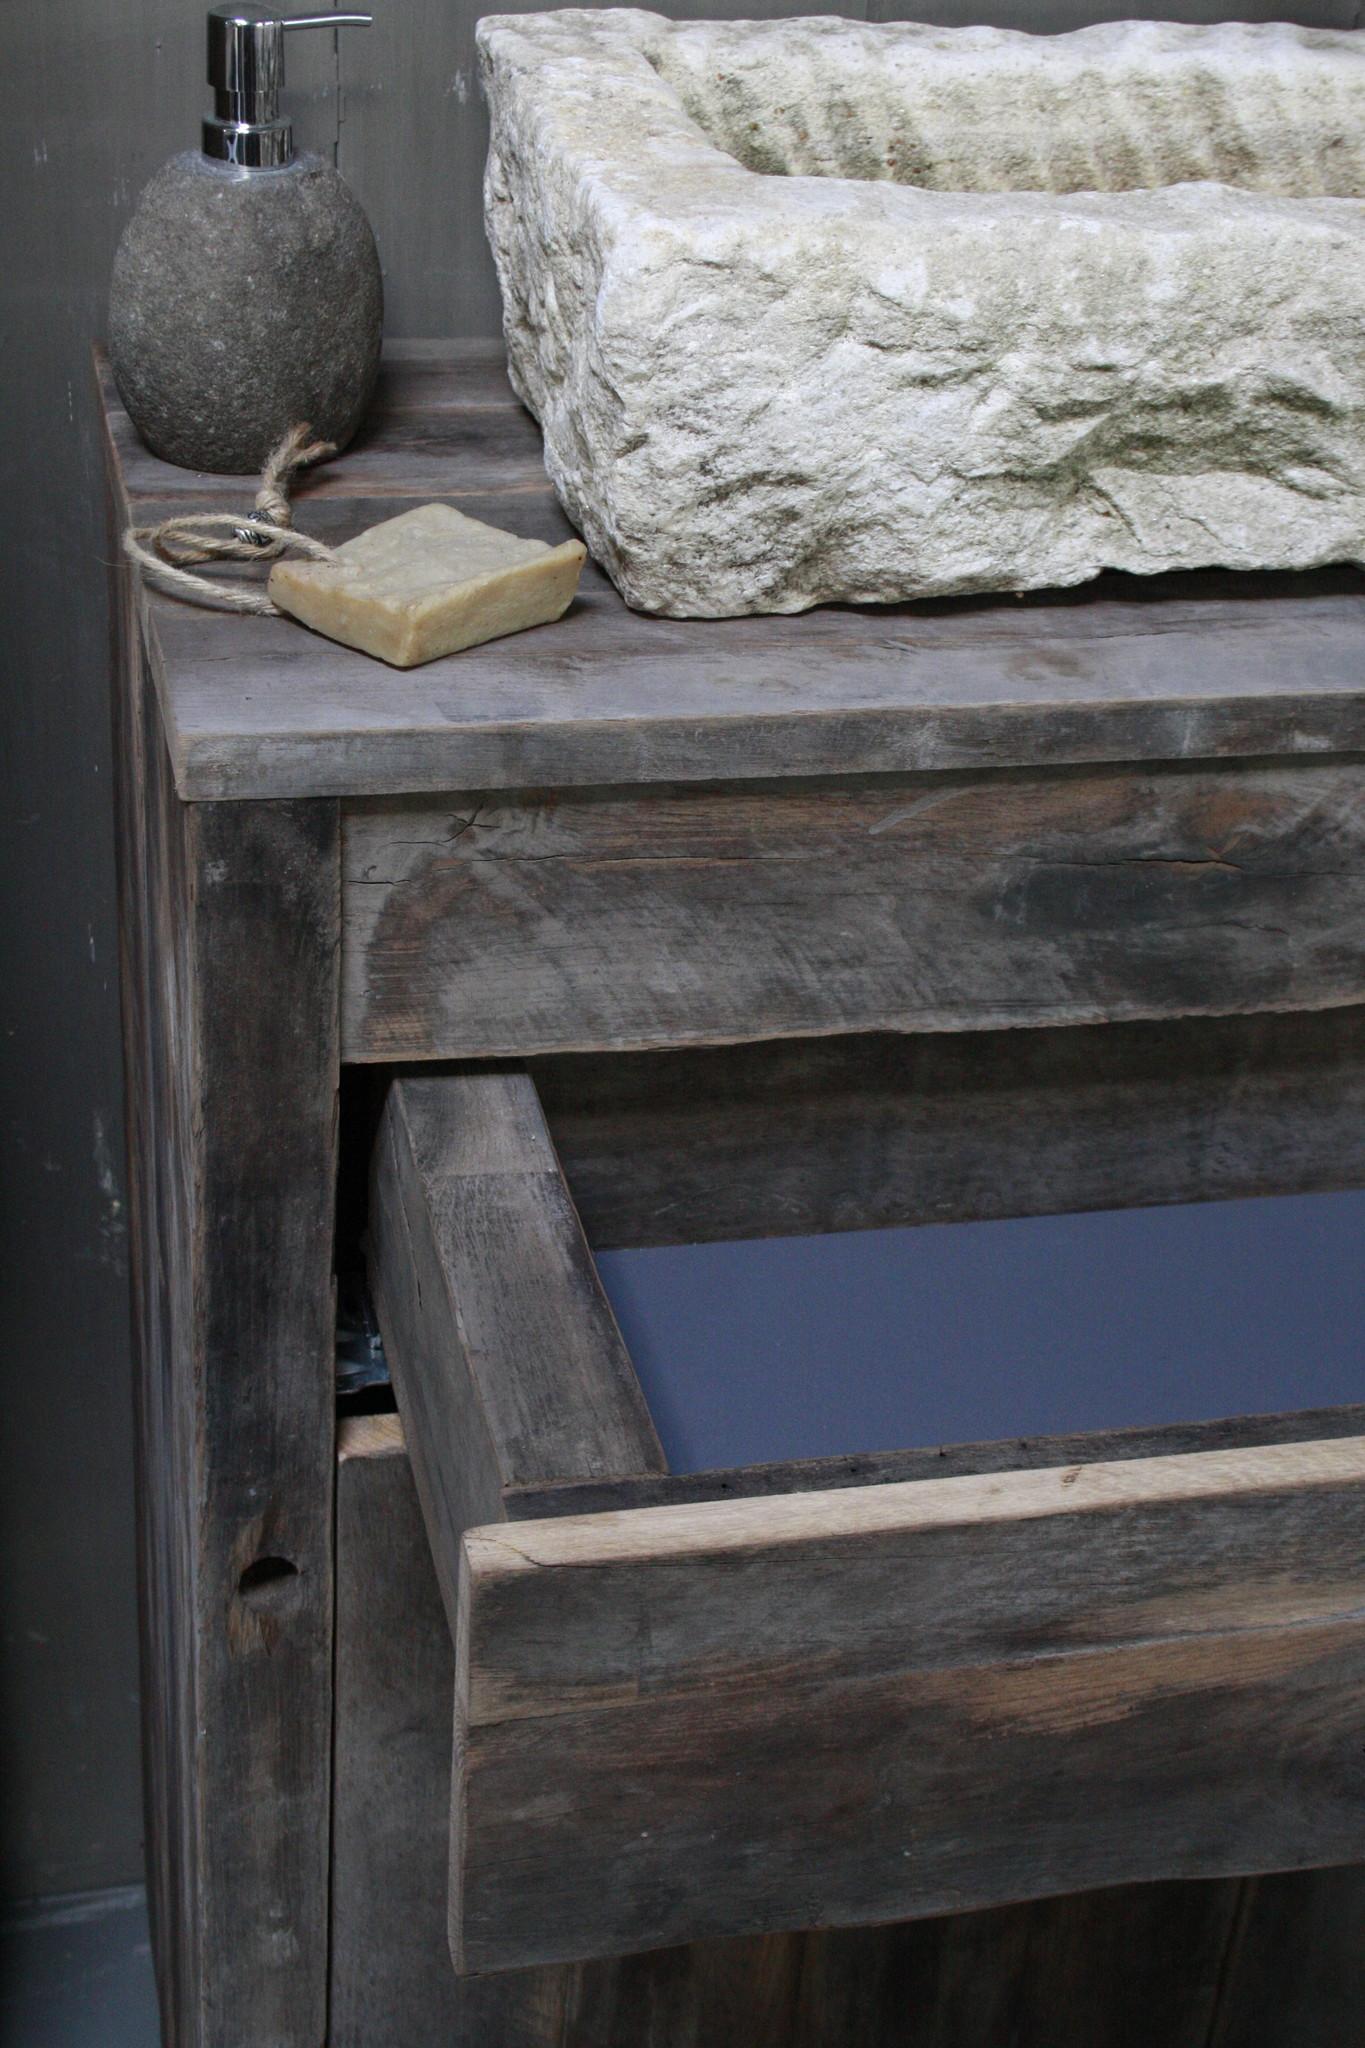 Oud Eikenhouten Badkamermeubel 90 x 90 cm met lades en deurtjes-5